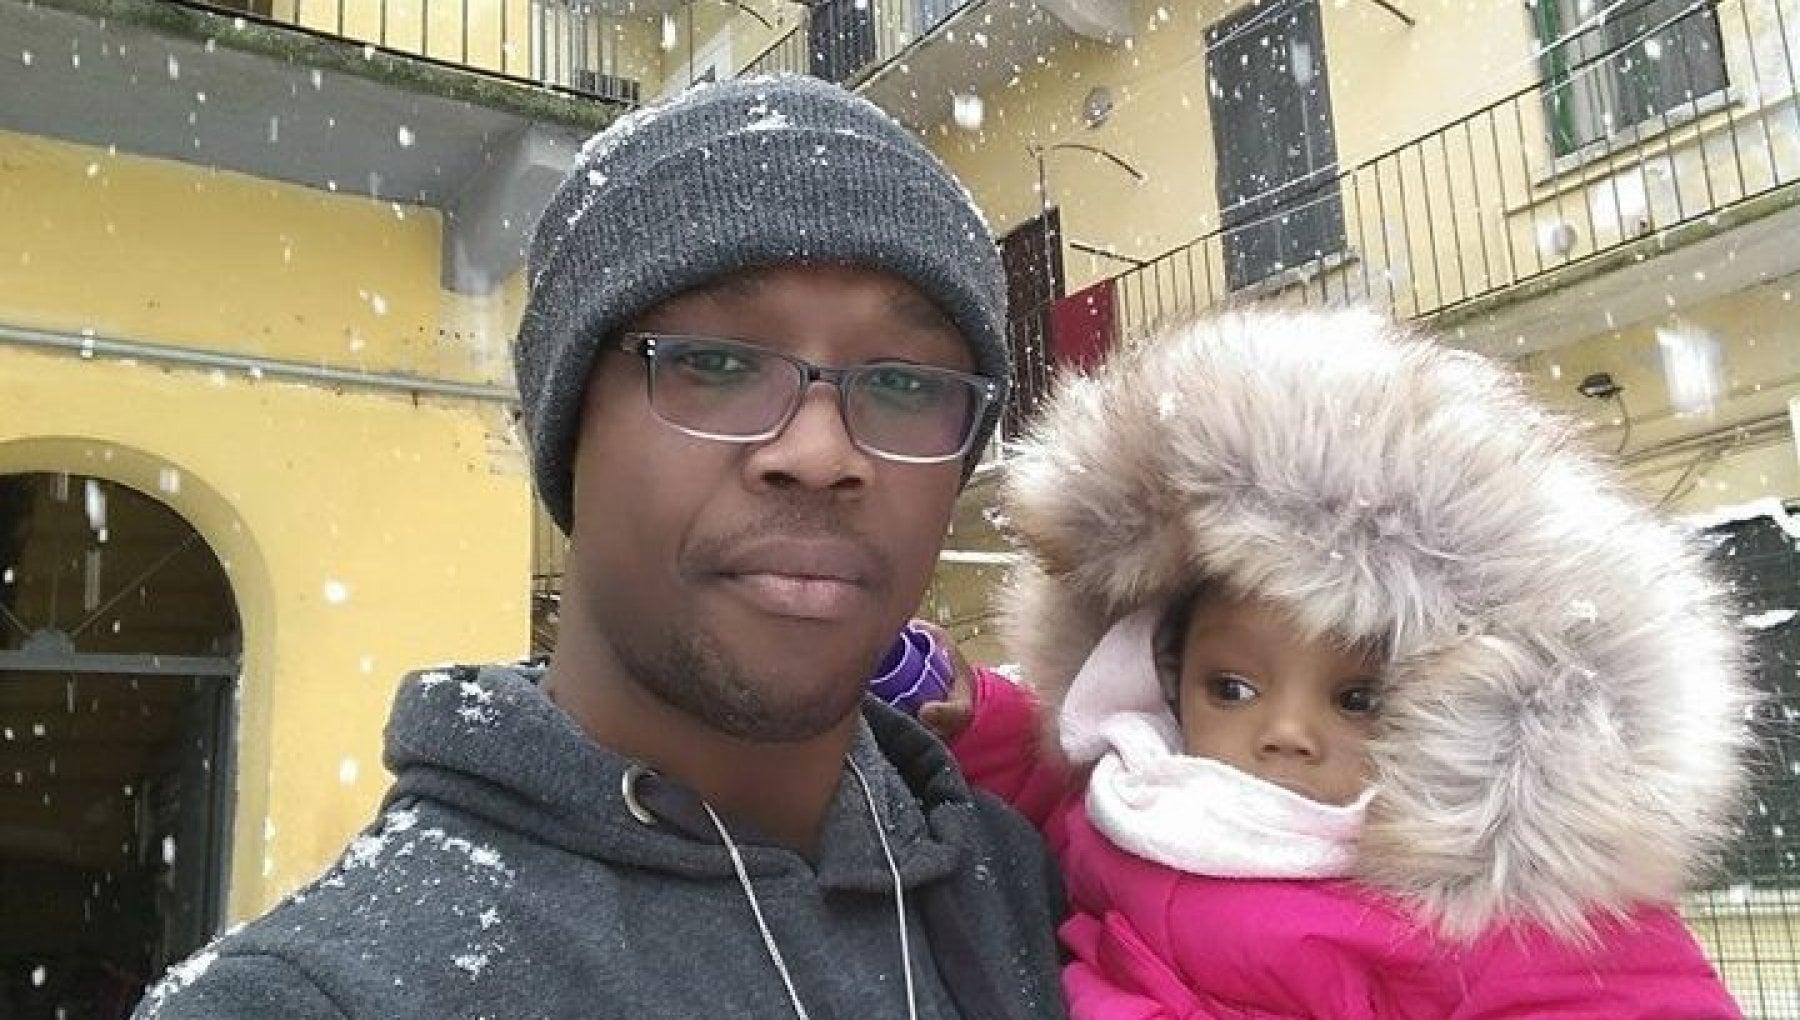 Cremona uccise la figlia di due anni per vendicarsi della compagna 38enne condannato allergastolo